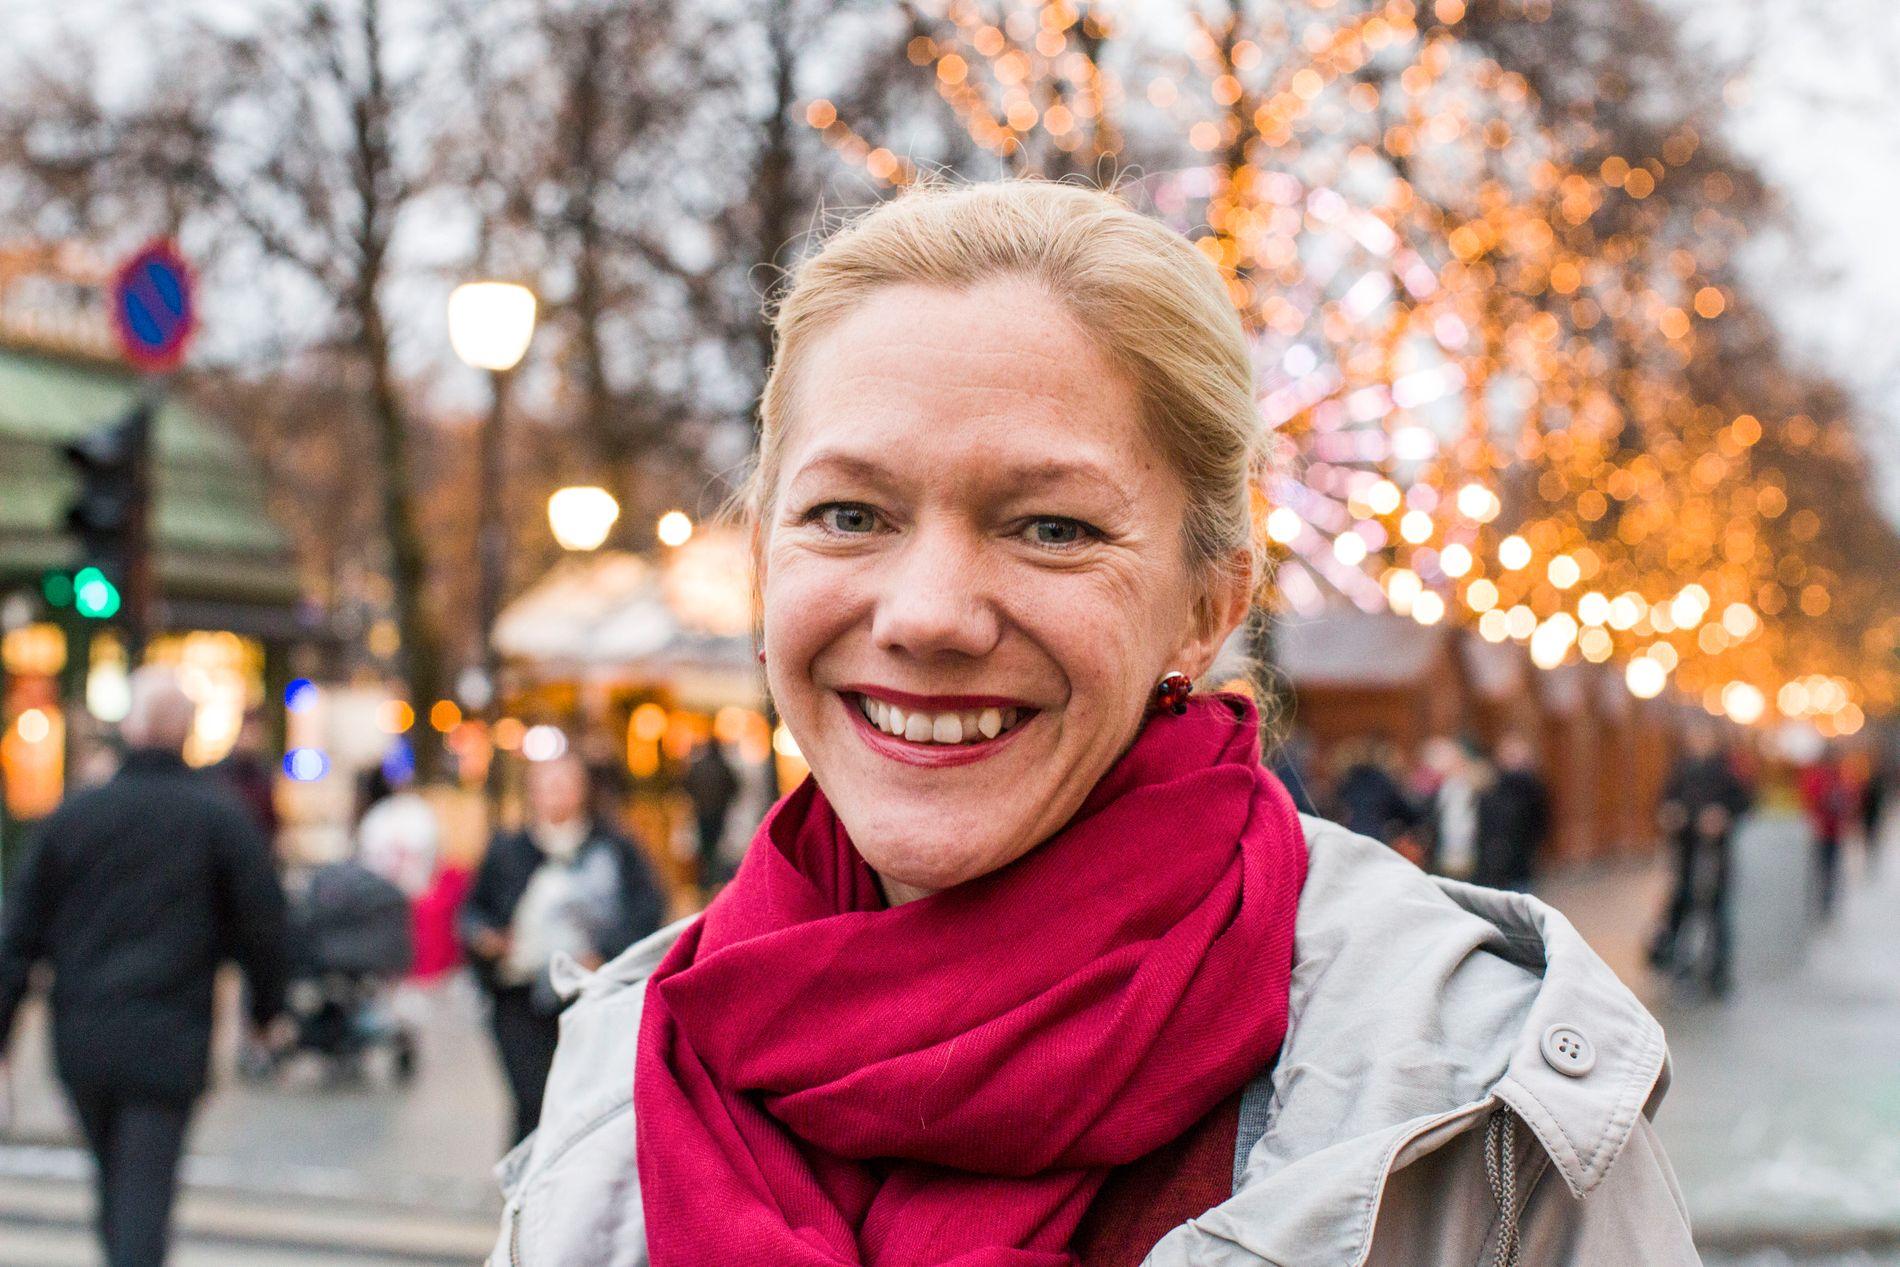 FULL JUBEL: Maja Lunde er mer populær enn Dan Brown, Elena Ferrante og Ken Follett - og alle andre - i Tyskland. Nå skriver hun på bok 3 i Klima-kvartetten.